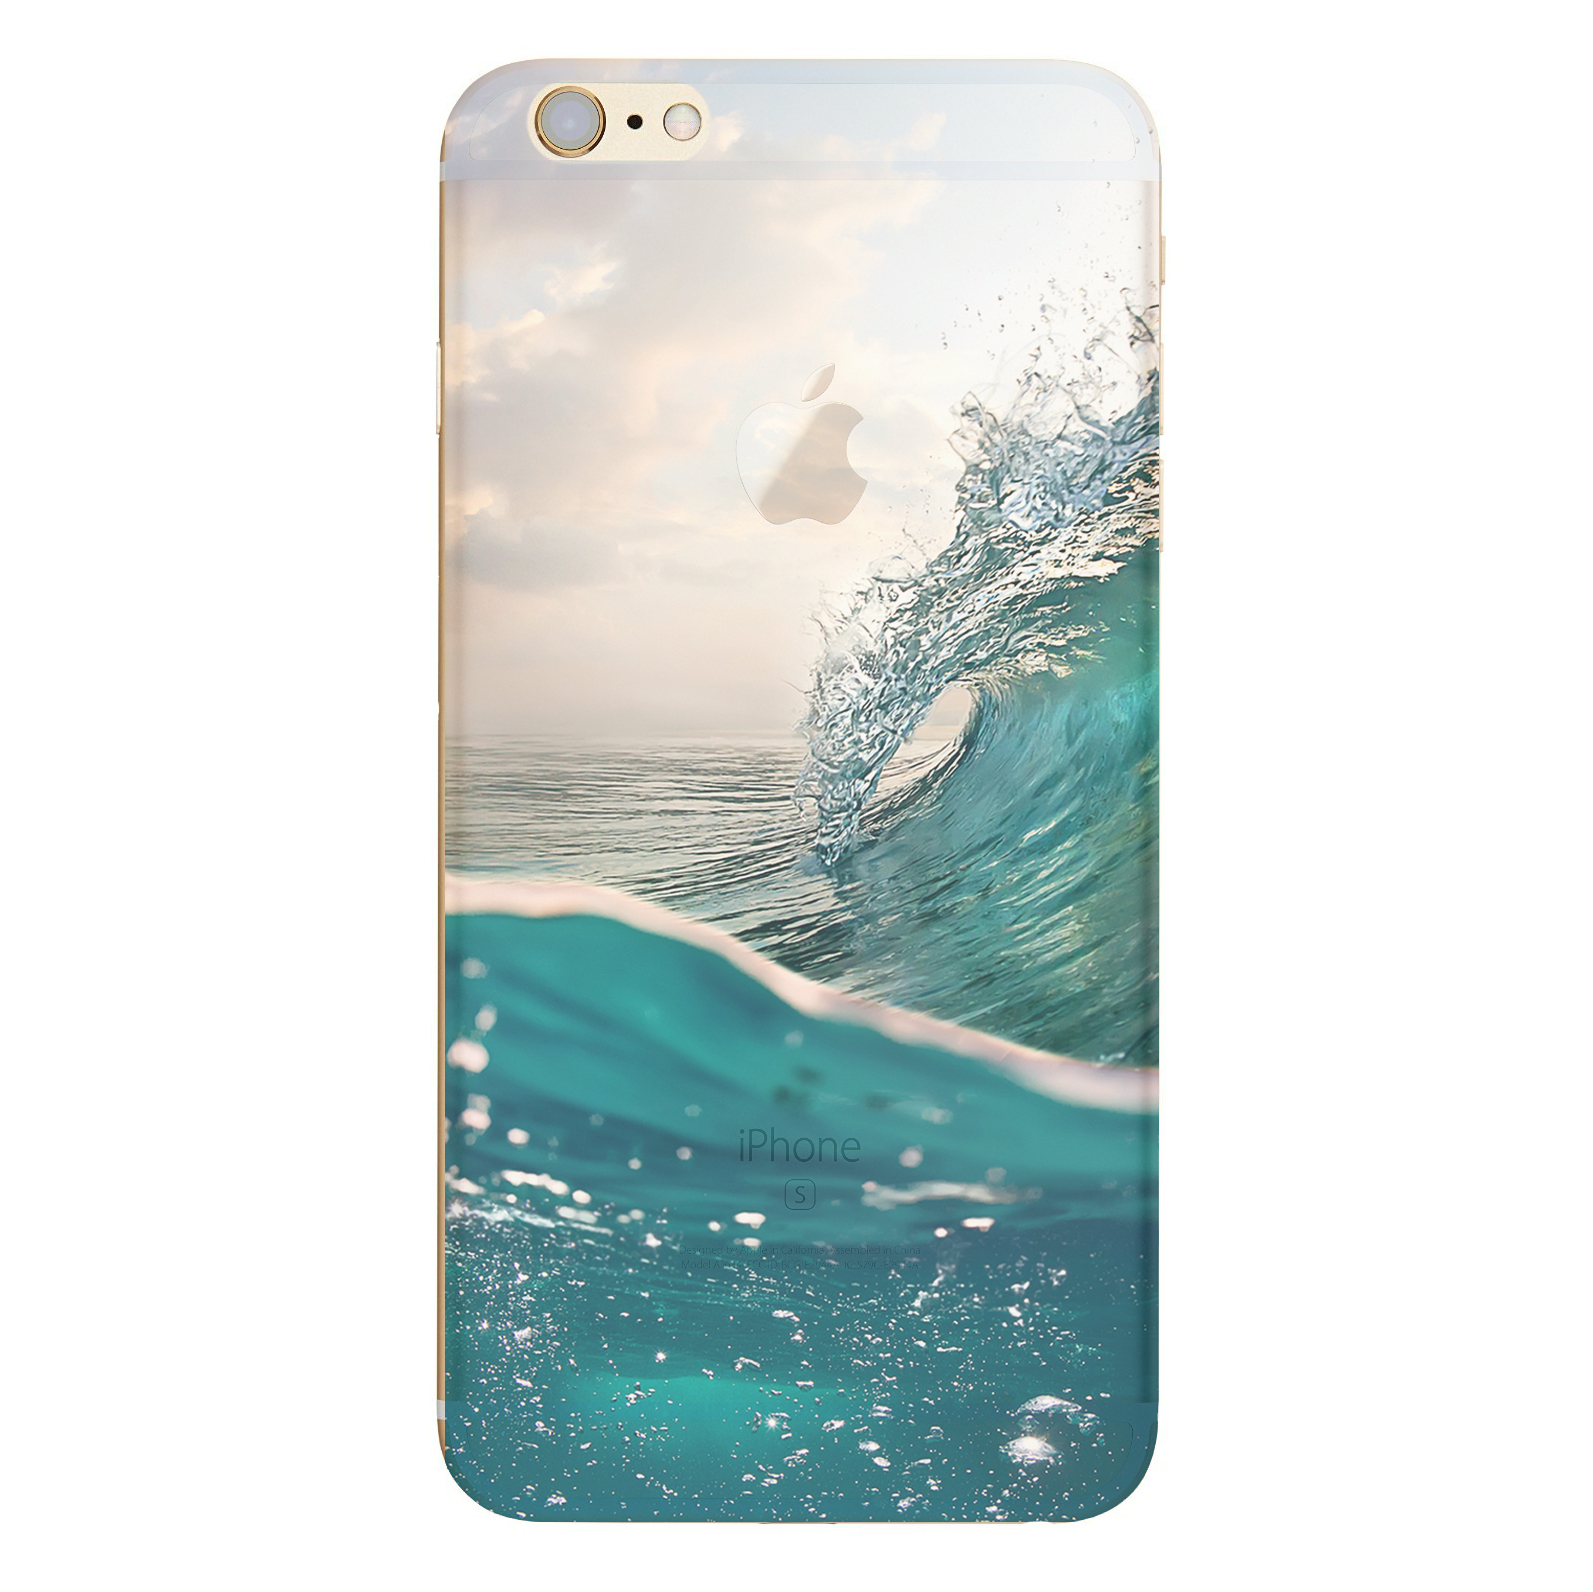 iphone 7 plus case ocean